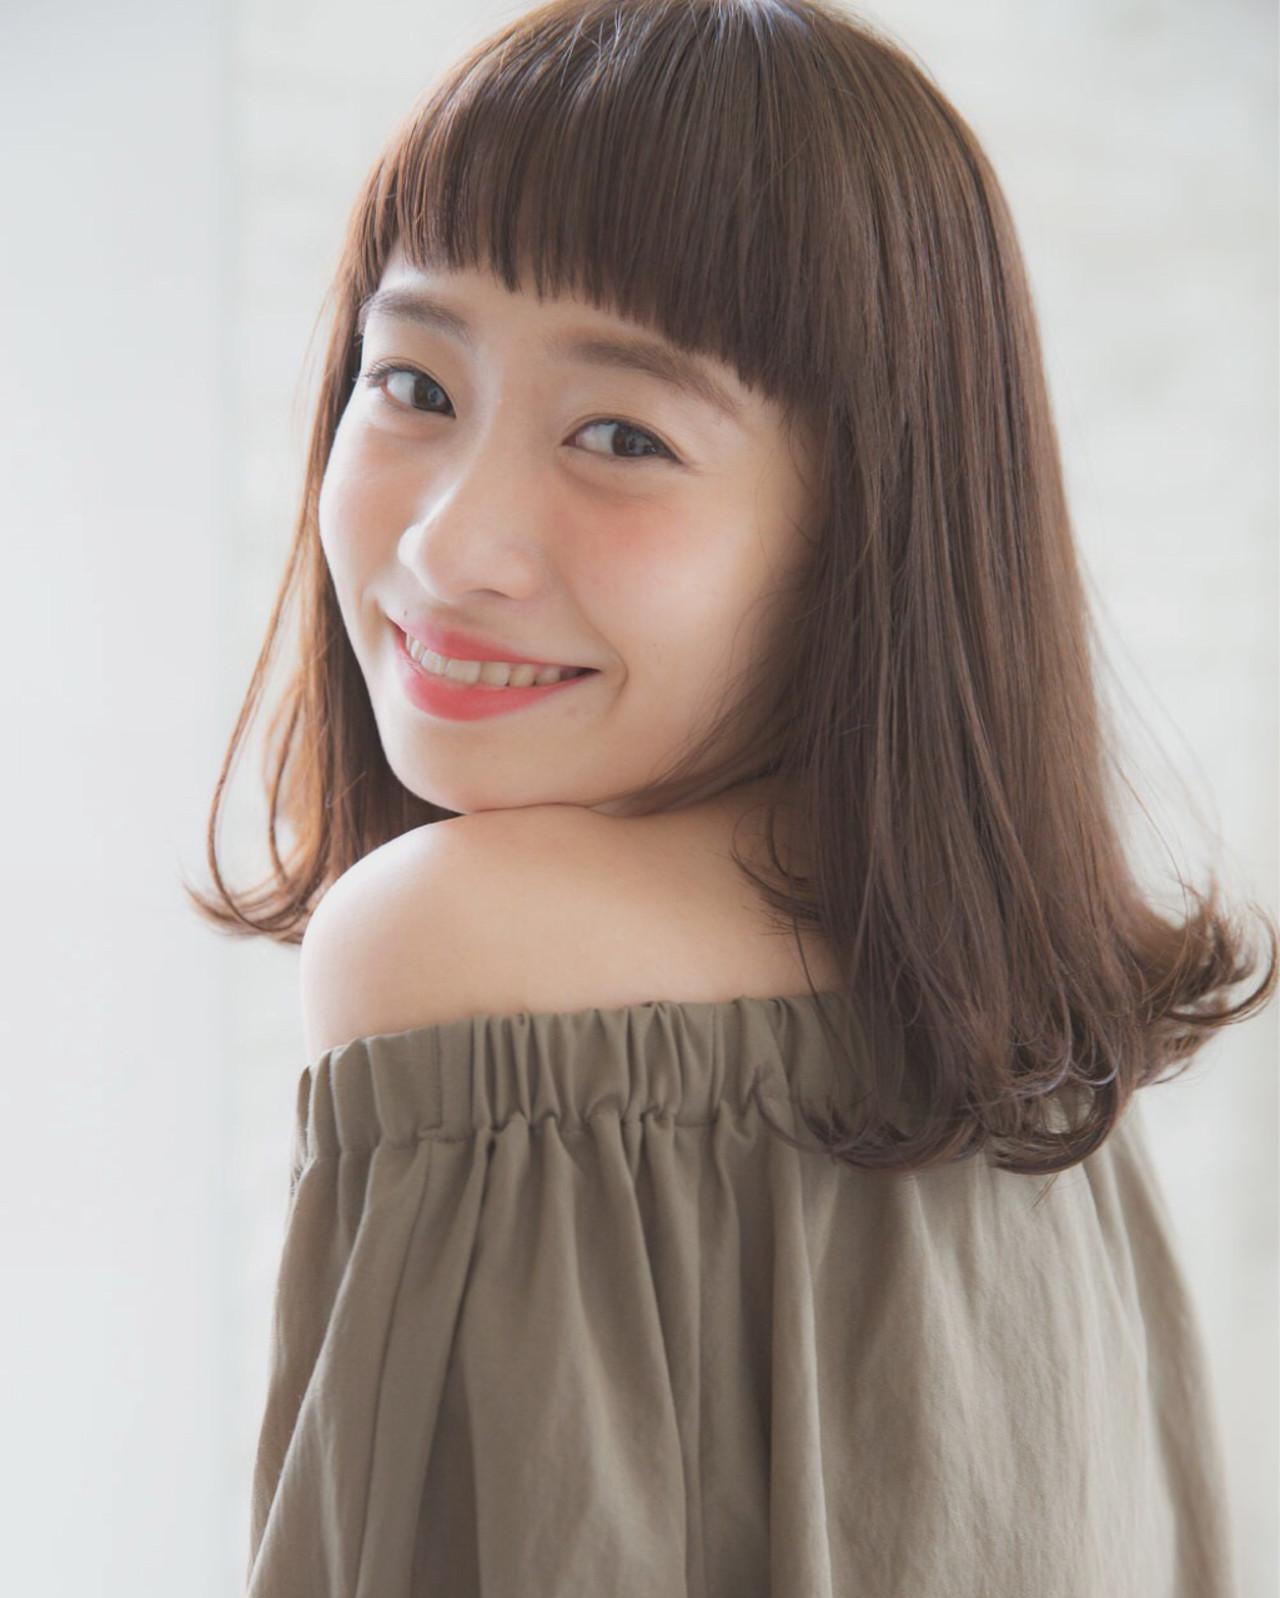 ボブ 小顔 こなれ感 大人女子 ヘアスタイルや髪型の写真・画像 | joemi by unami 森千里 / joemi by unami 新宿